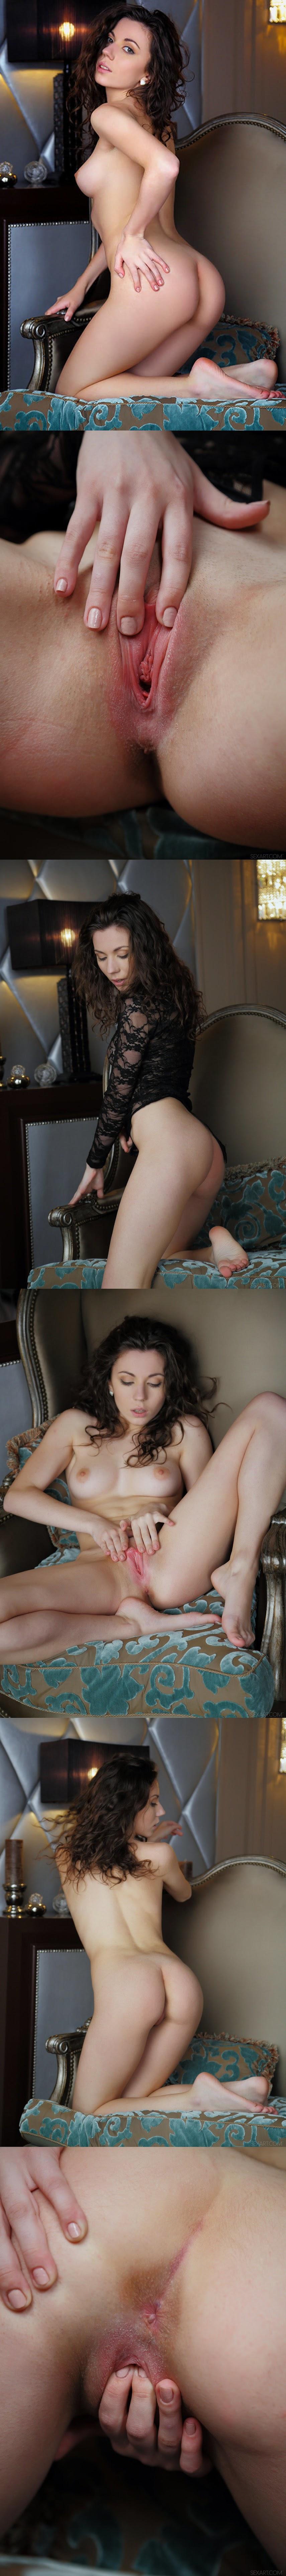 Sexart  Sara H SA_Sara_H.zip-jk-